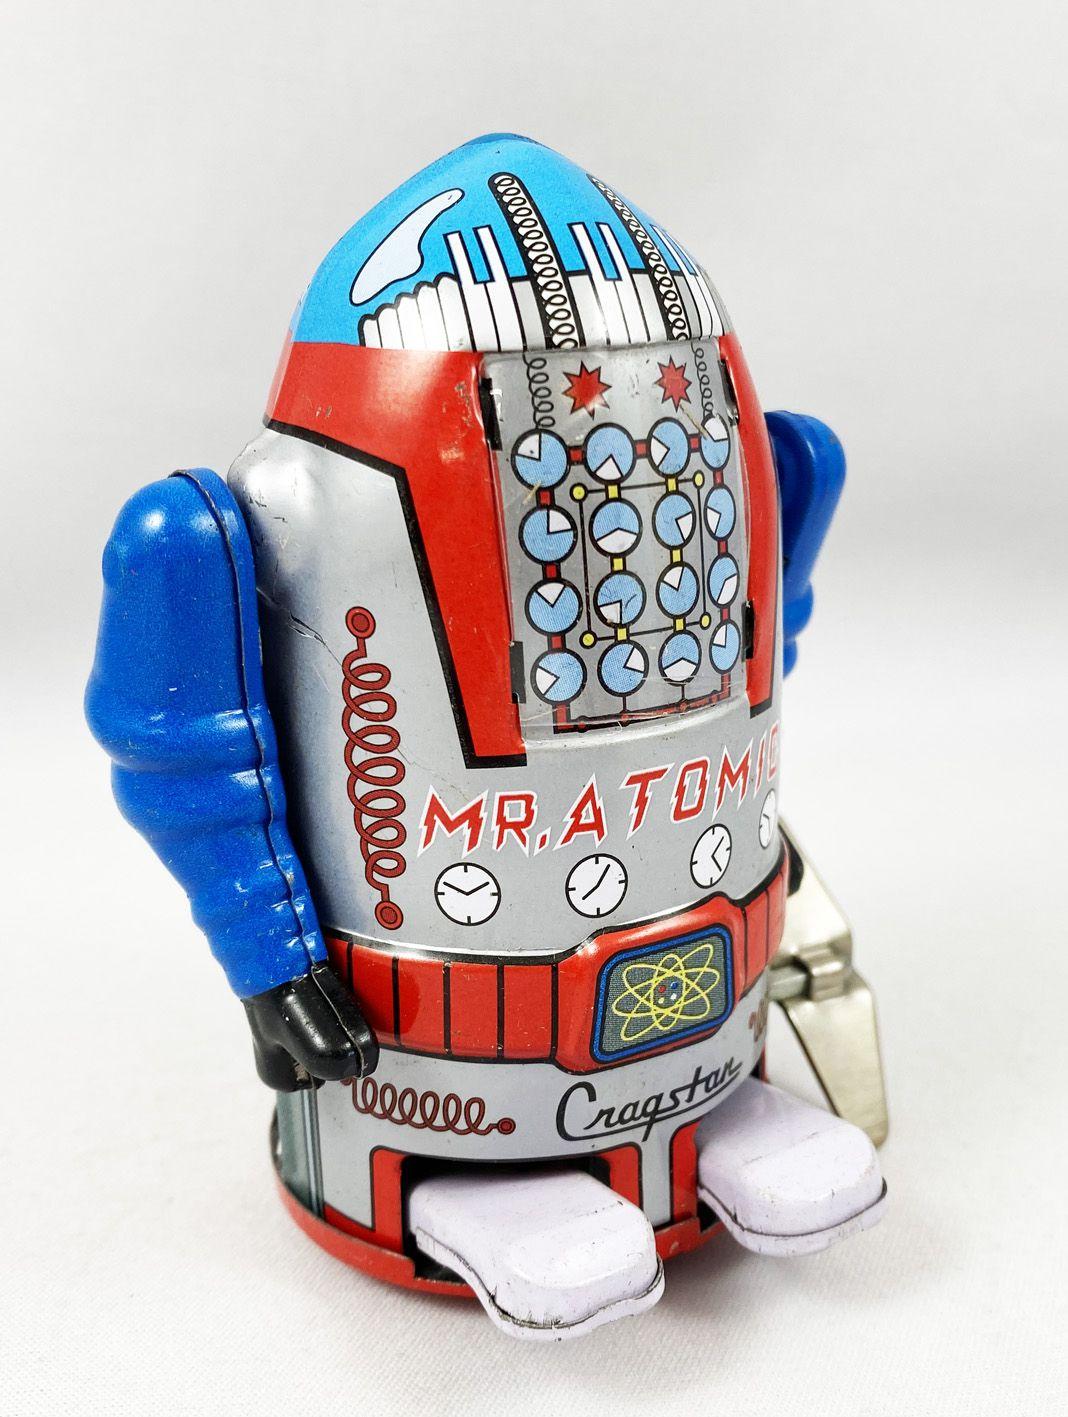 Robot - Robot Marcheur Mécanique en Tôle - Cragstan Mr. Atomic Gris (Ha Ha Toy) MS632